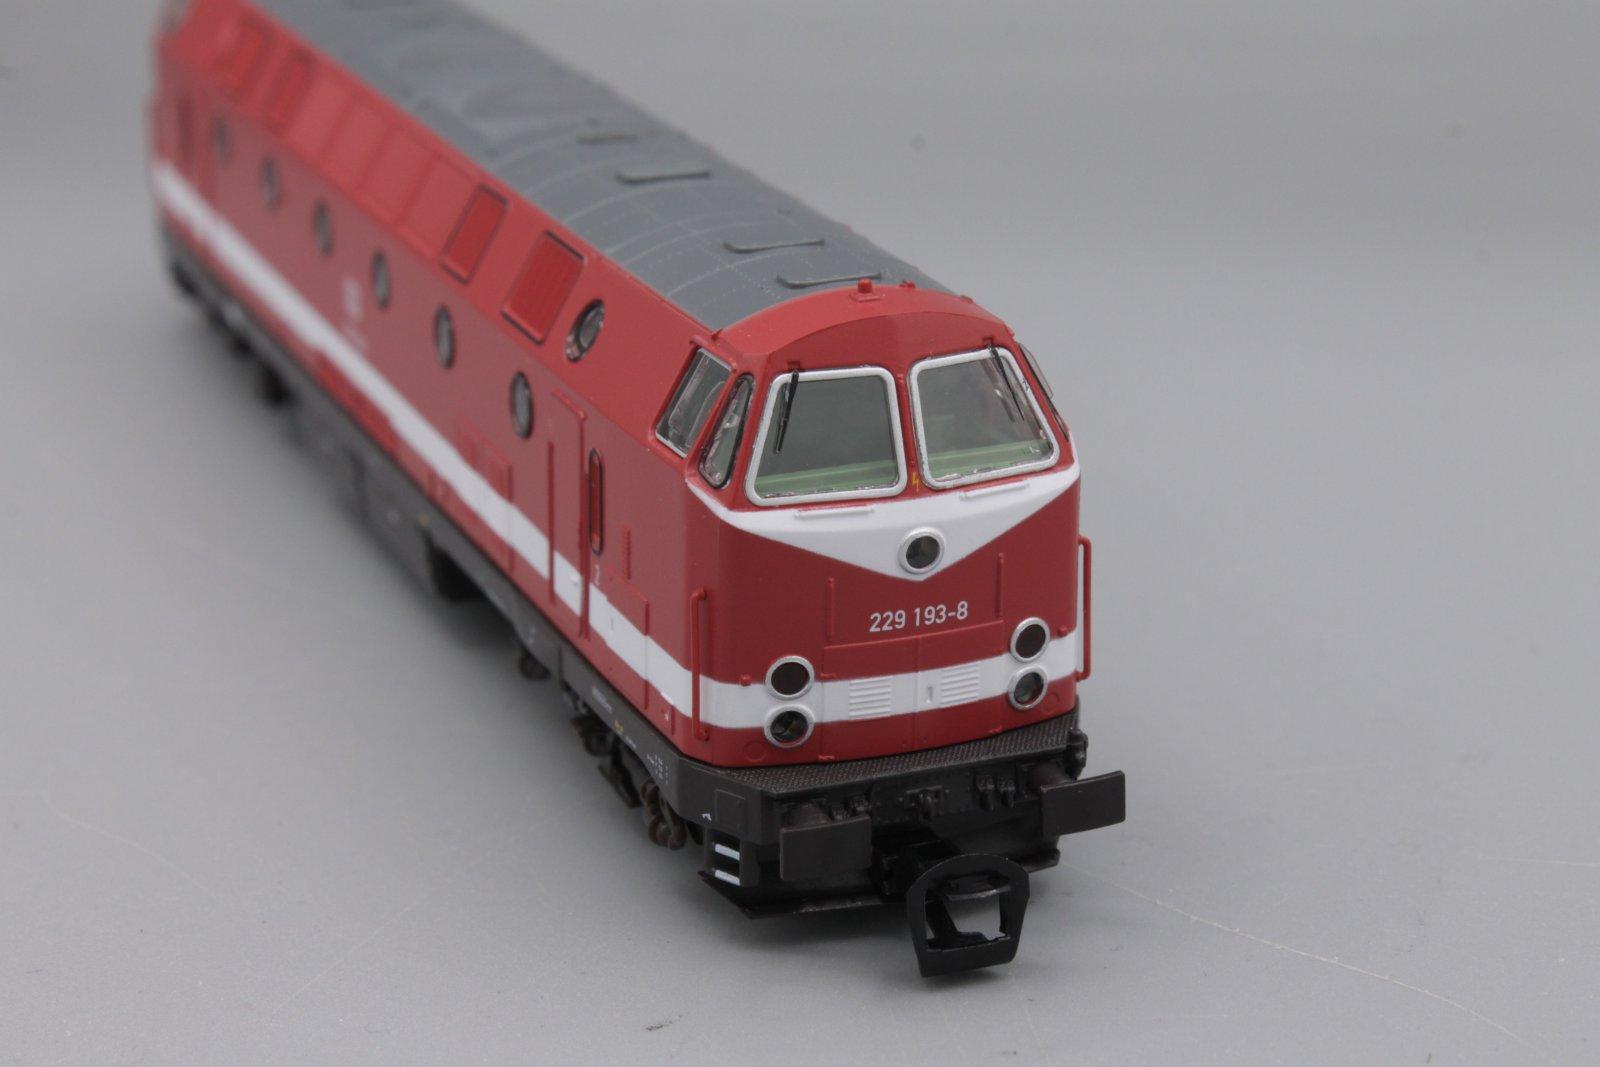 Piko 47342 Diesellok 229 193-8 Spur TT - digital (D&H) mit Sound (Henning-Sound)